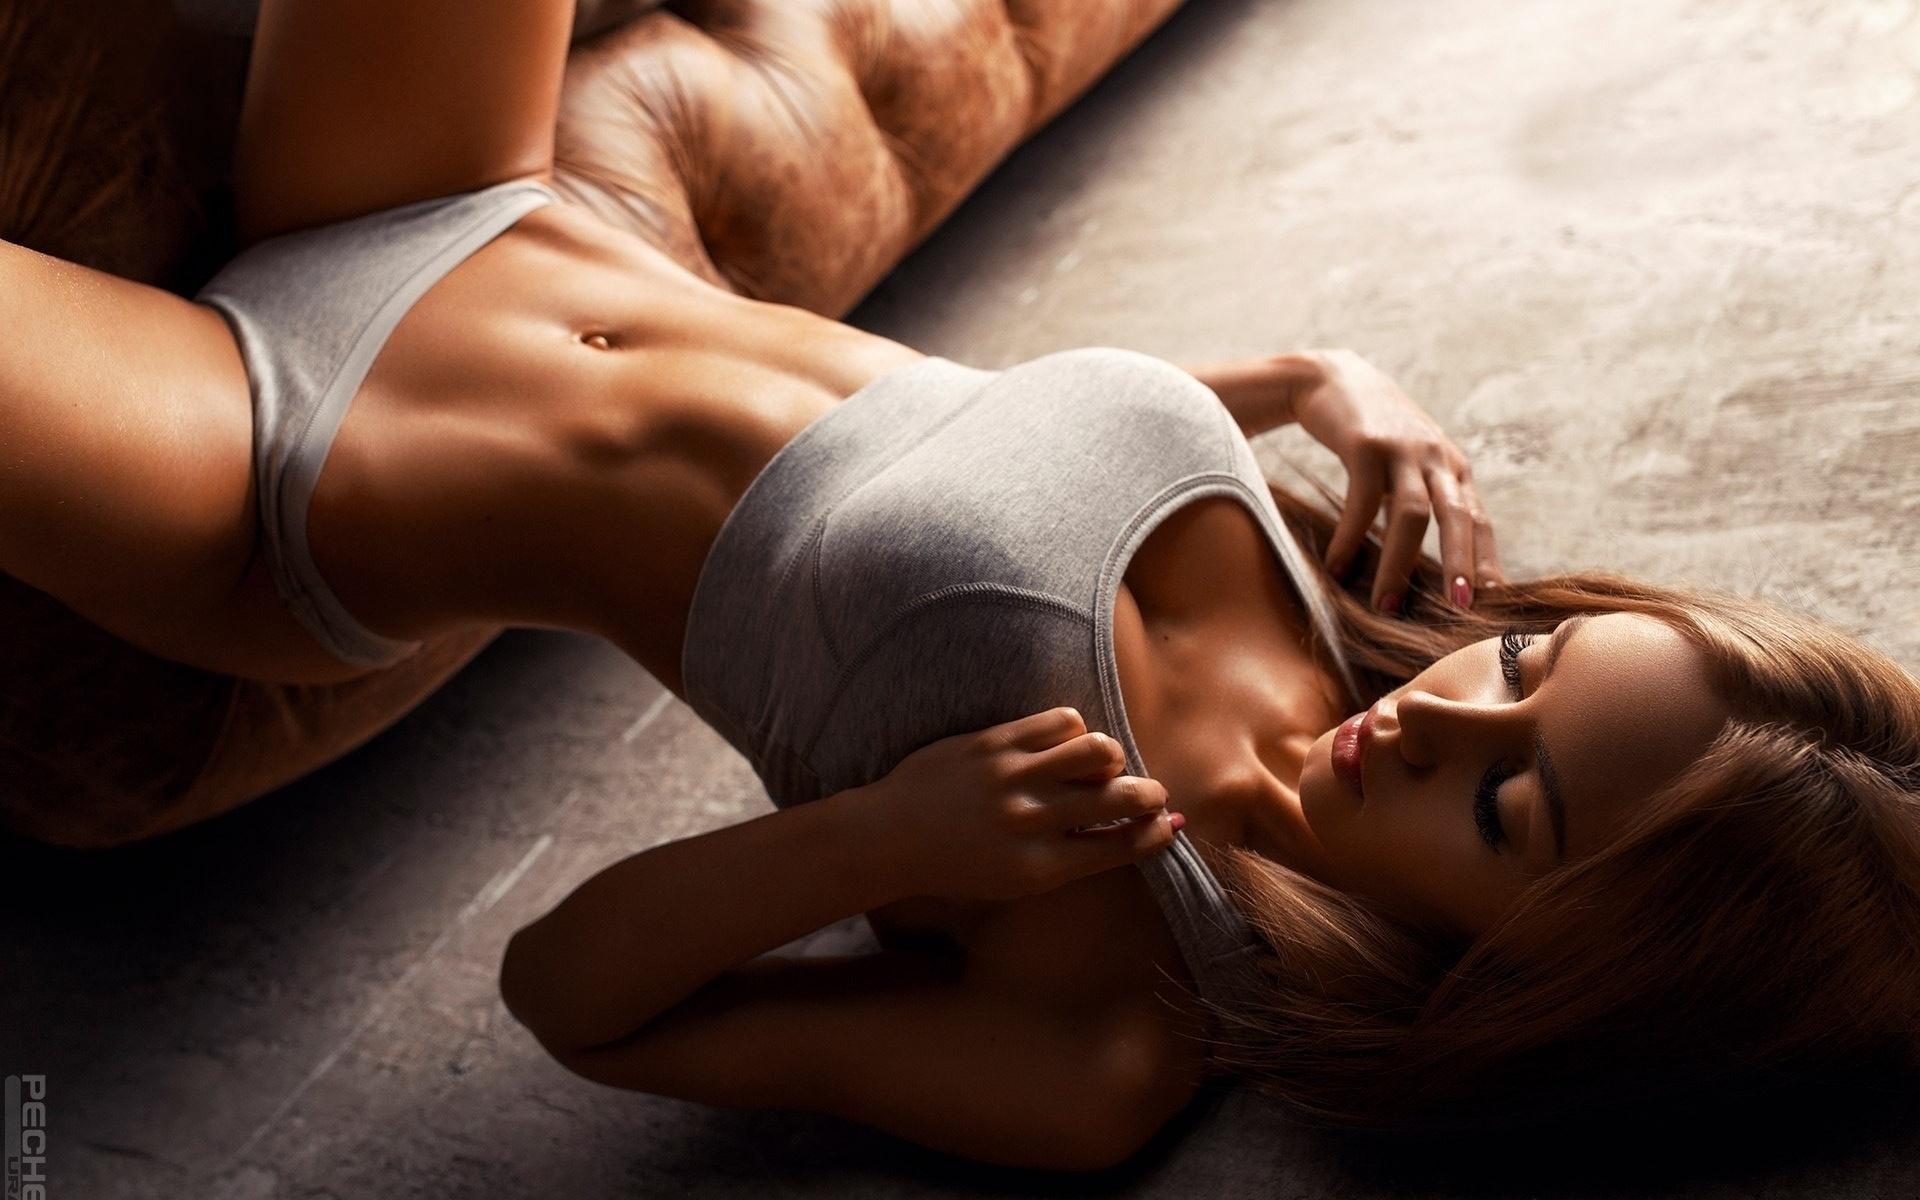 очень красивая девушка показывает свое тело тонкую ткань